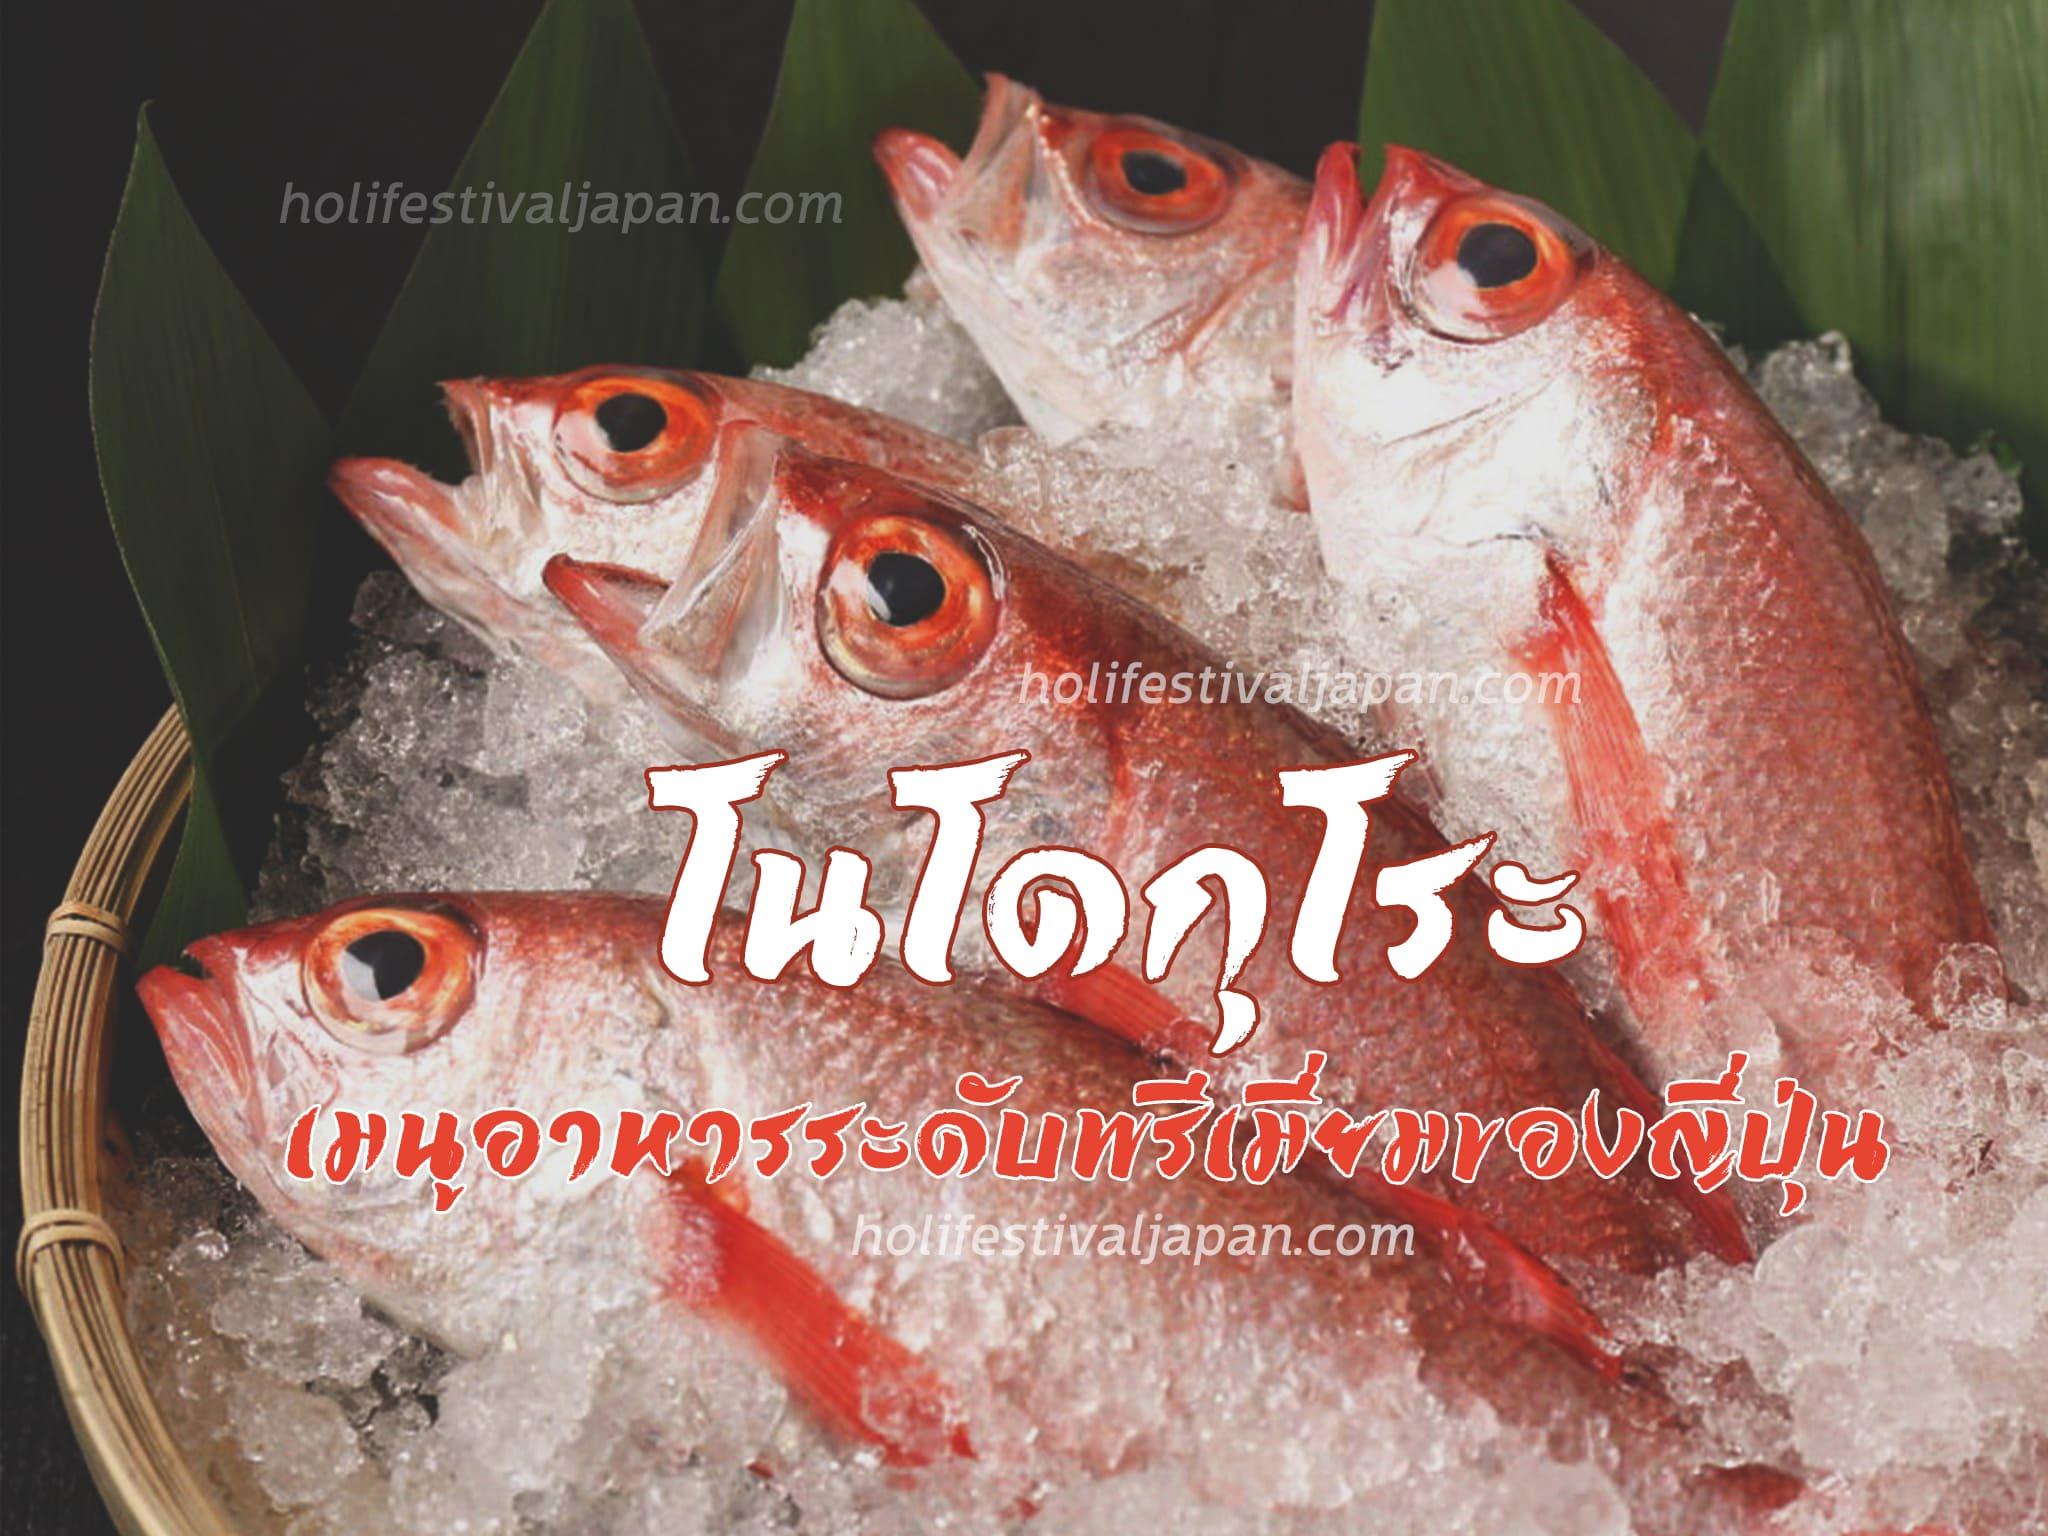 โนโดกุโระ ลิ้มรสชาติความอร่อยของปลาเนื้อขาว เมนูอาหารระดับพรีเมี่ยม